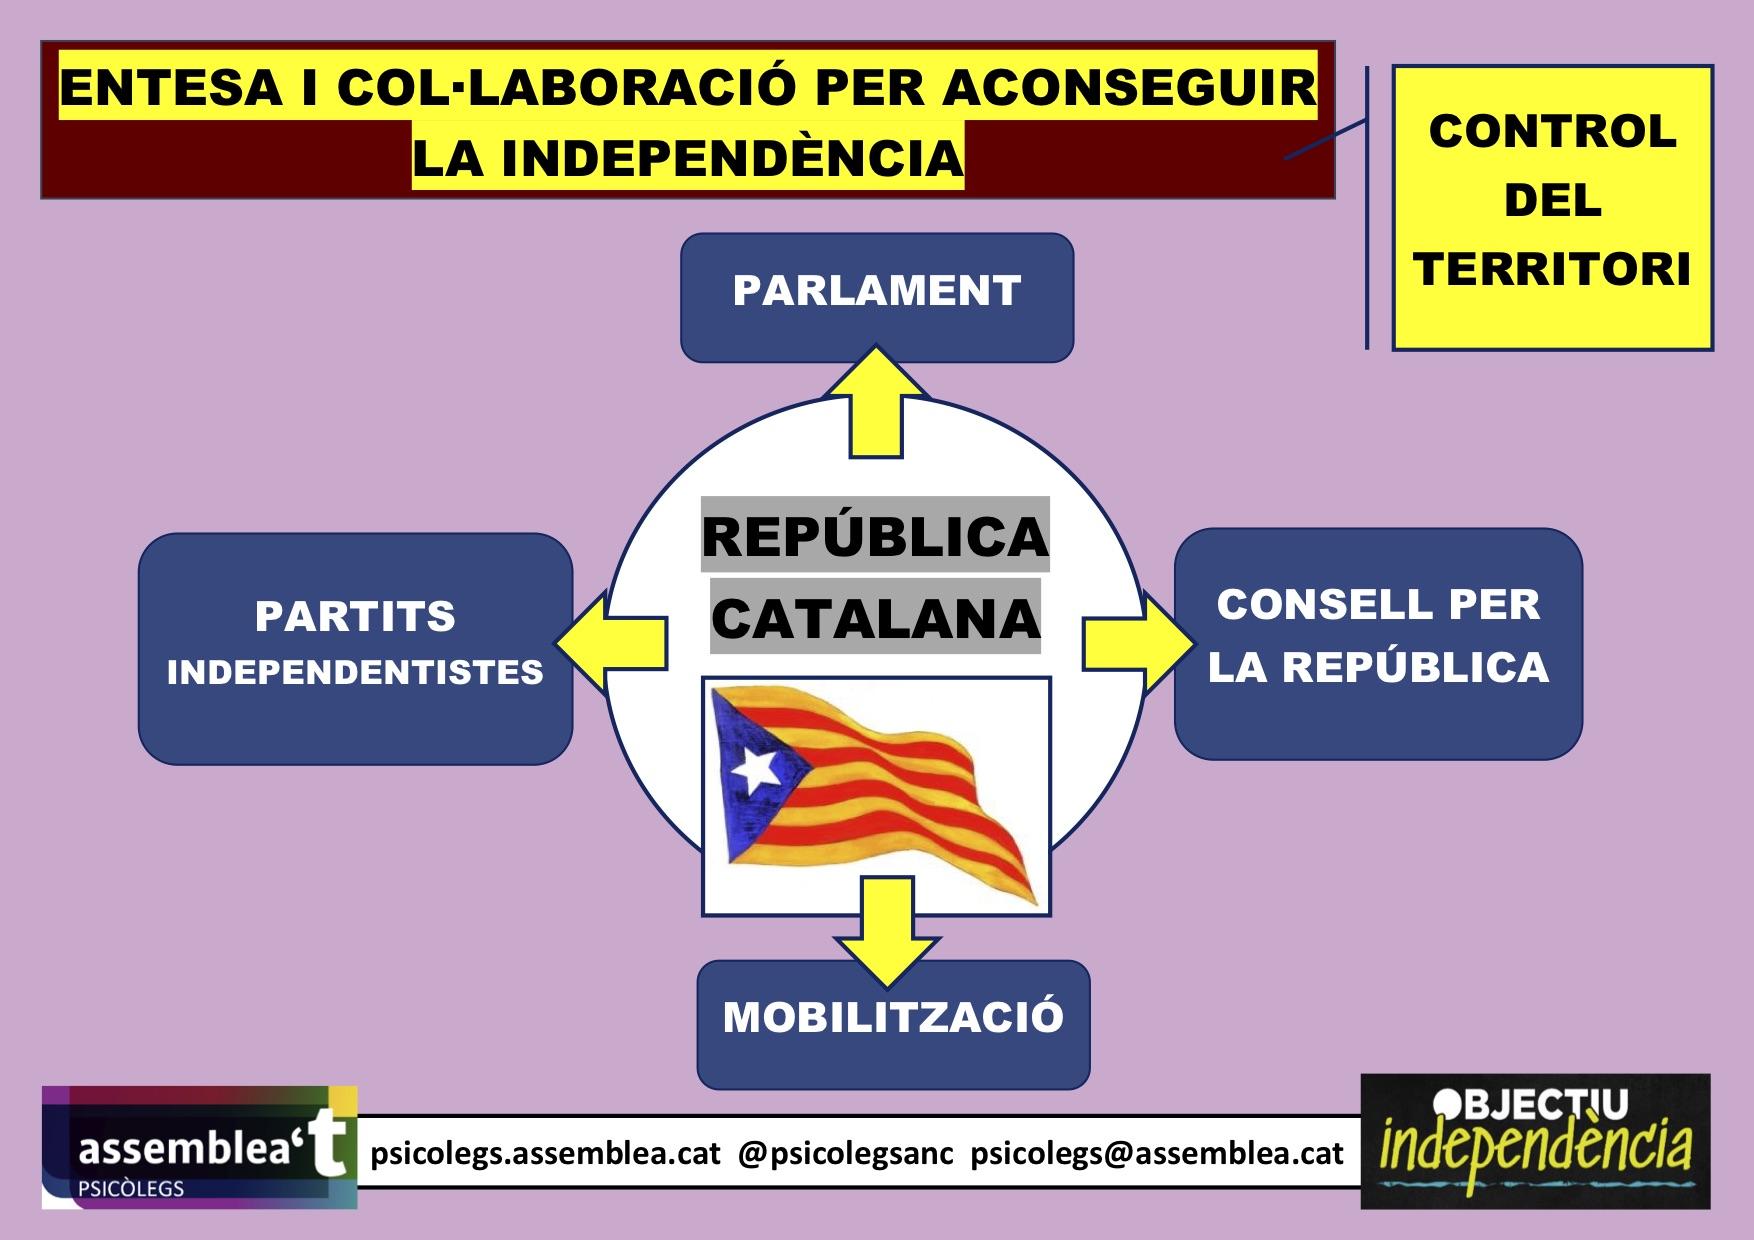 El control del territori és necessari per assolir la independència